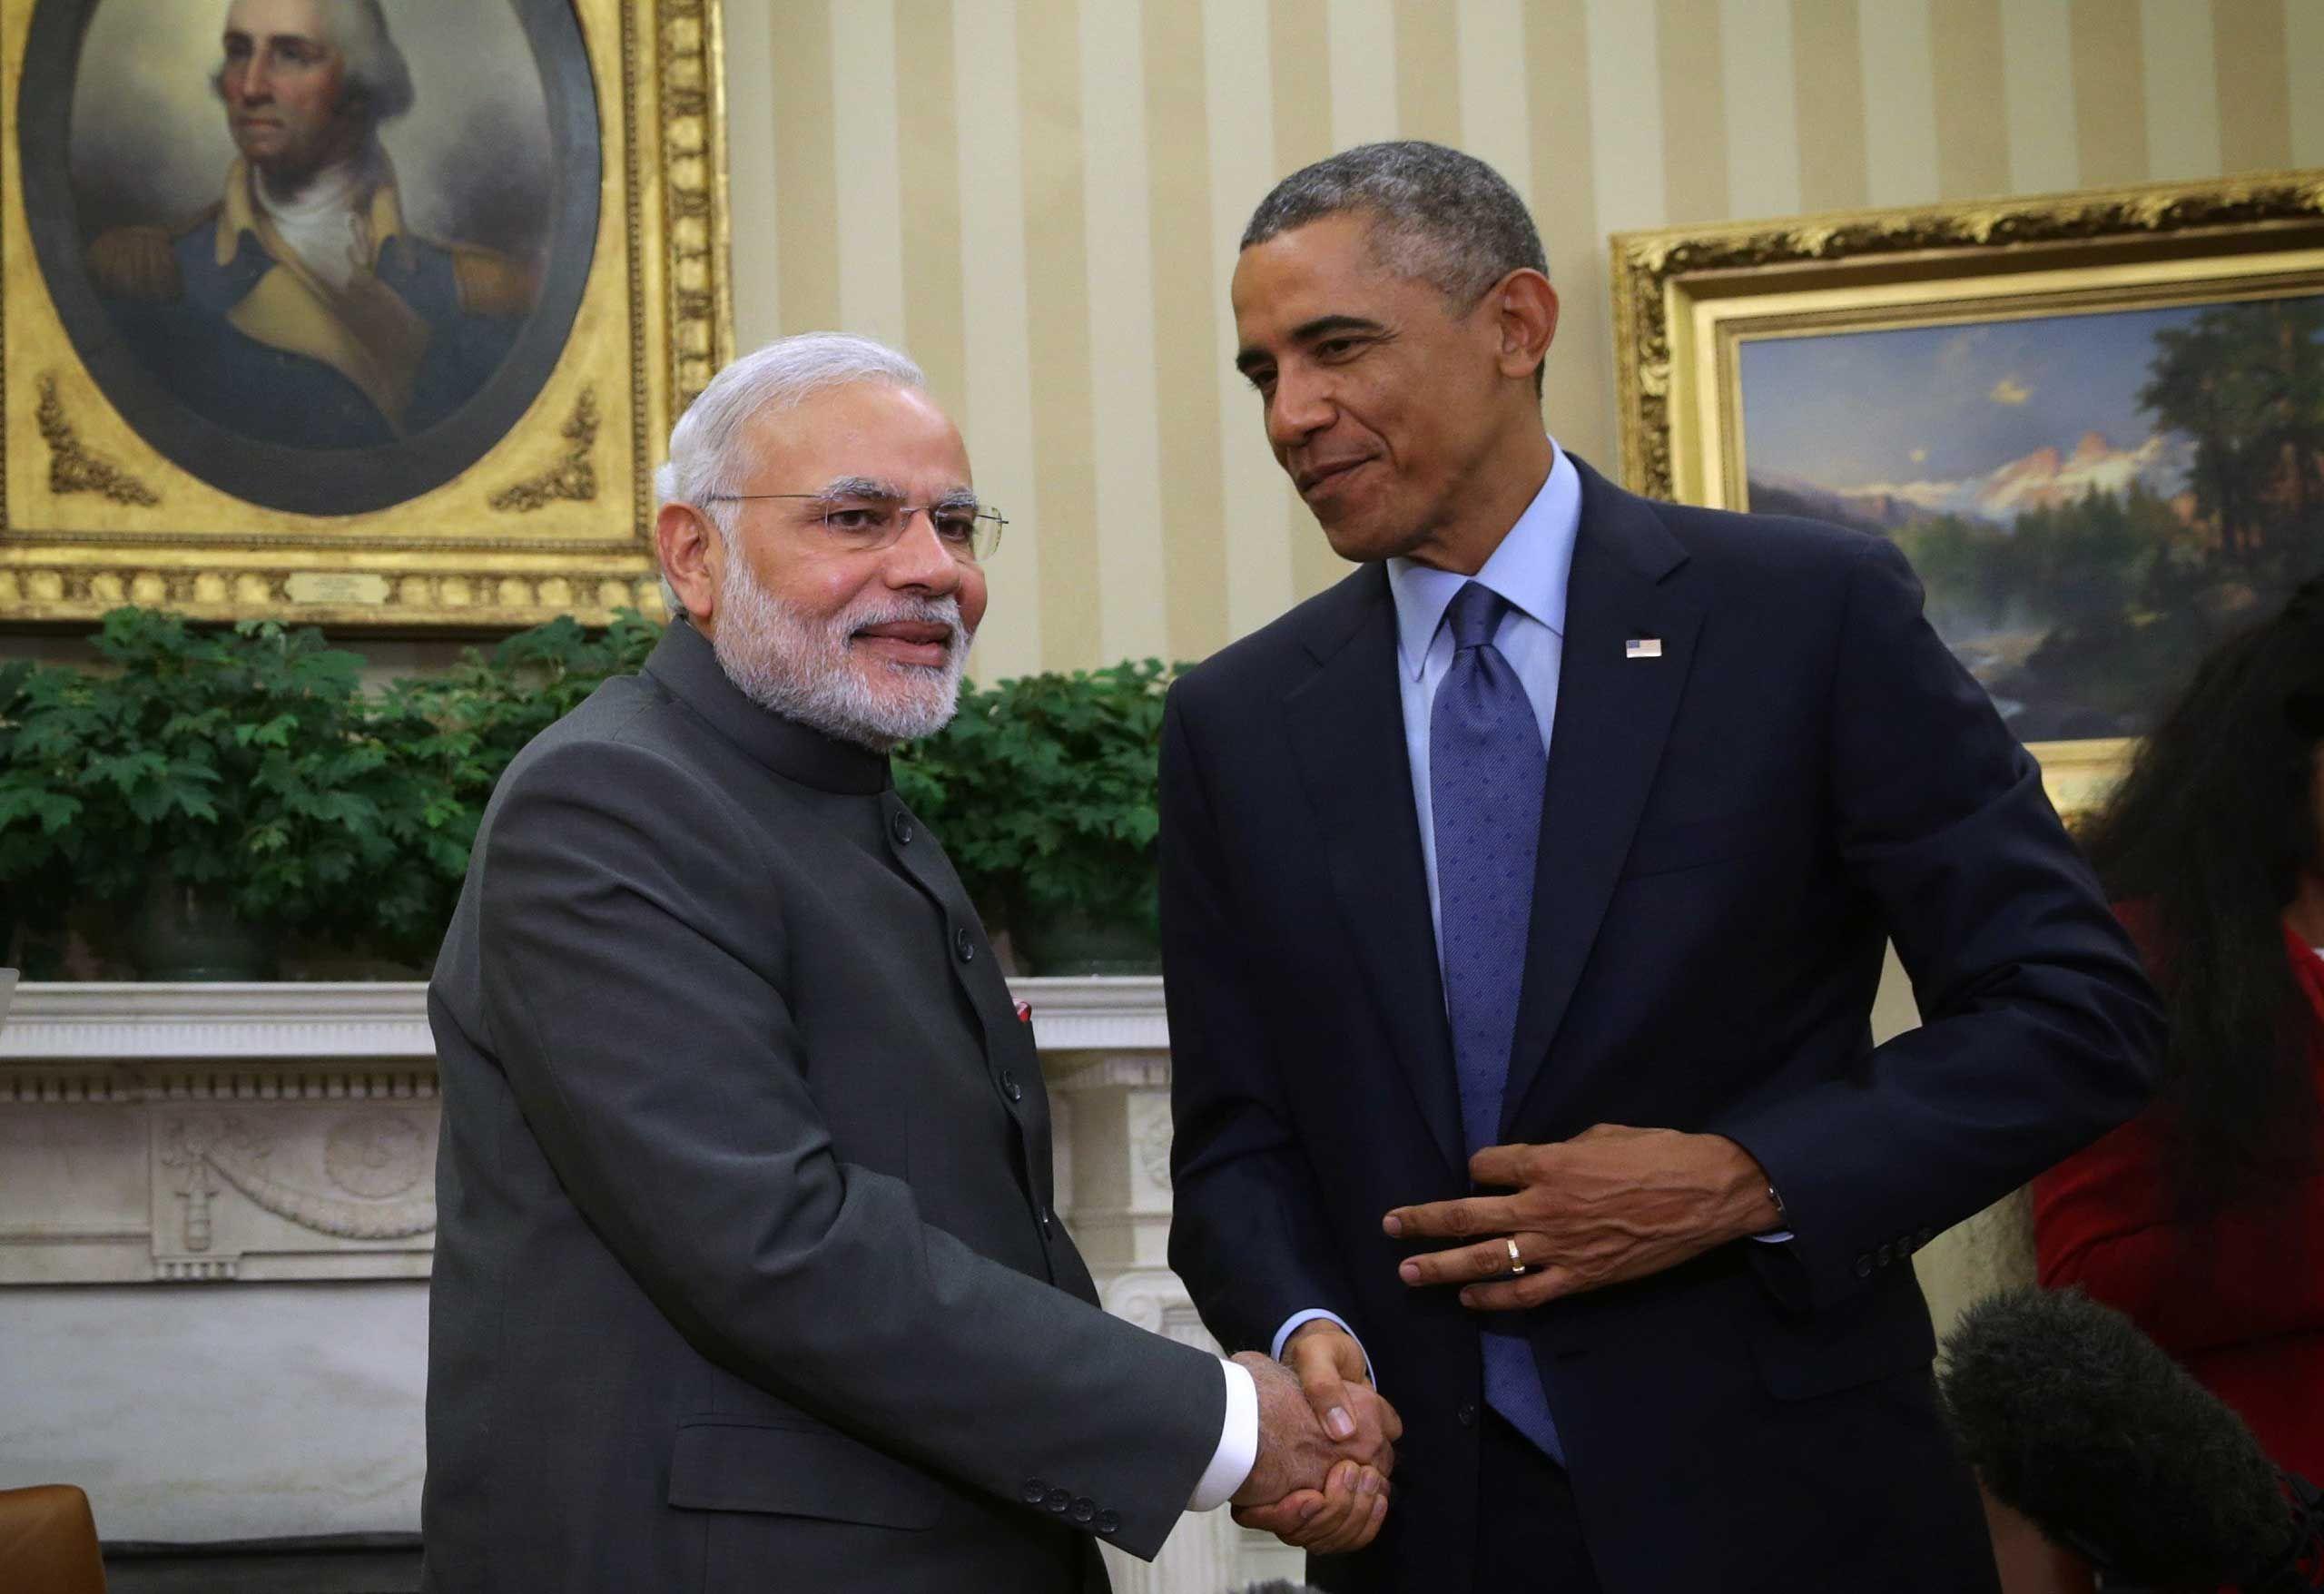 modi government not happy over joe biden and kamala harris taking charge - Satya Hindi